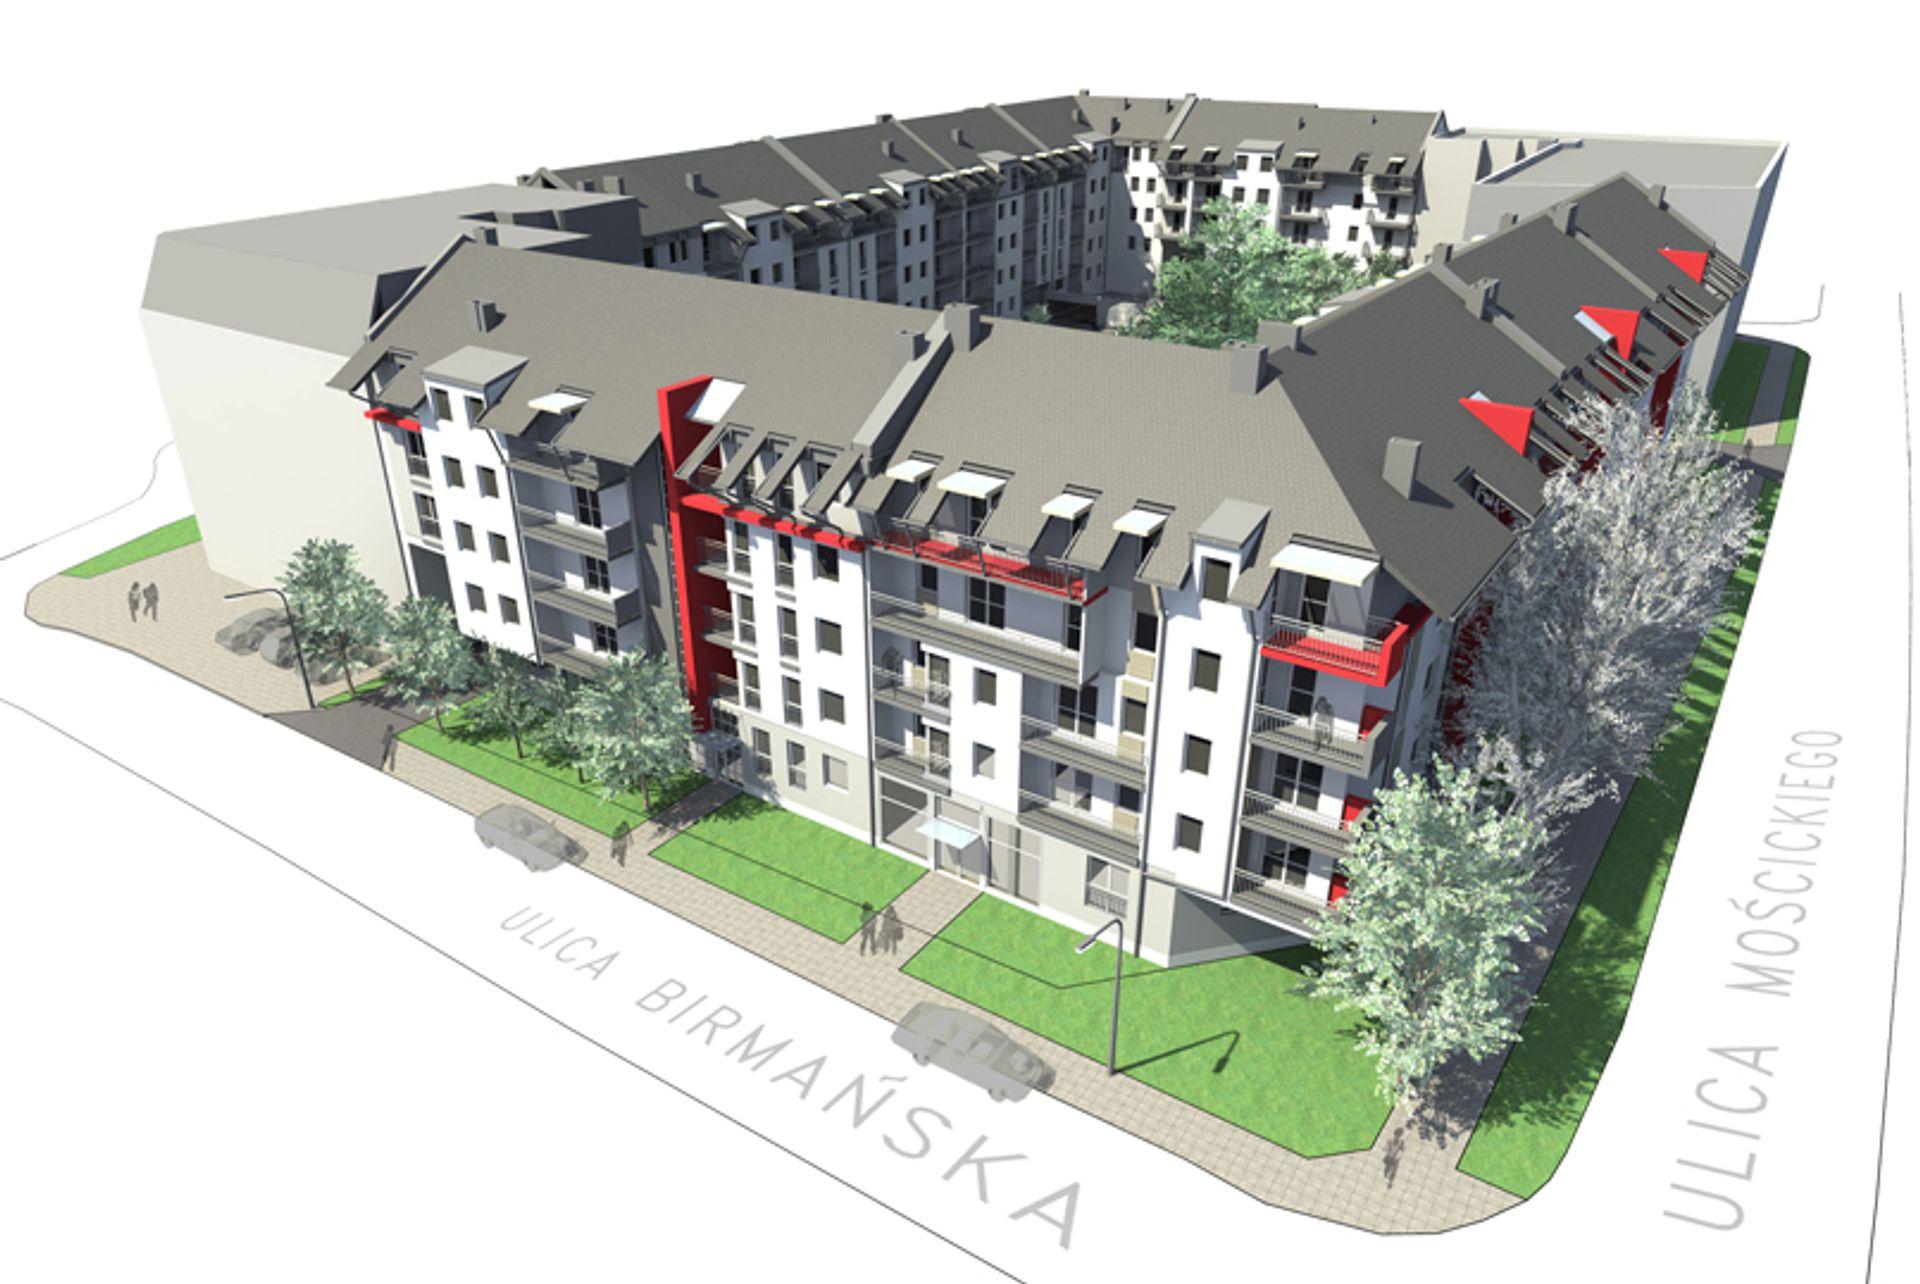 [Wrocław] Bank Gospodarstwa Krajowego udzielił kredytu TBS Wrocław na dokończenie budowy osiedla na Brochowie